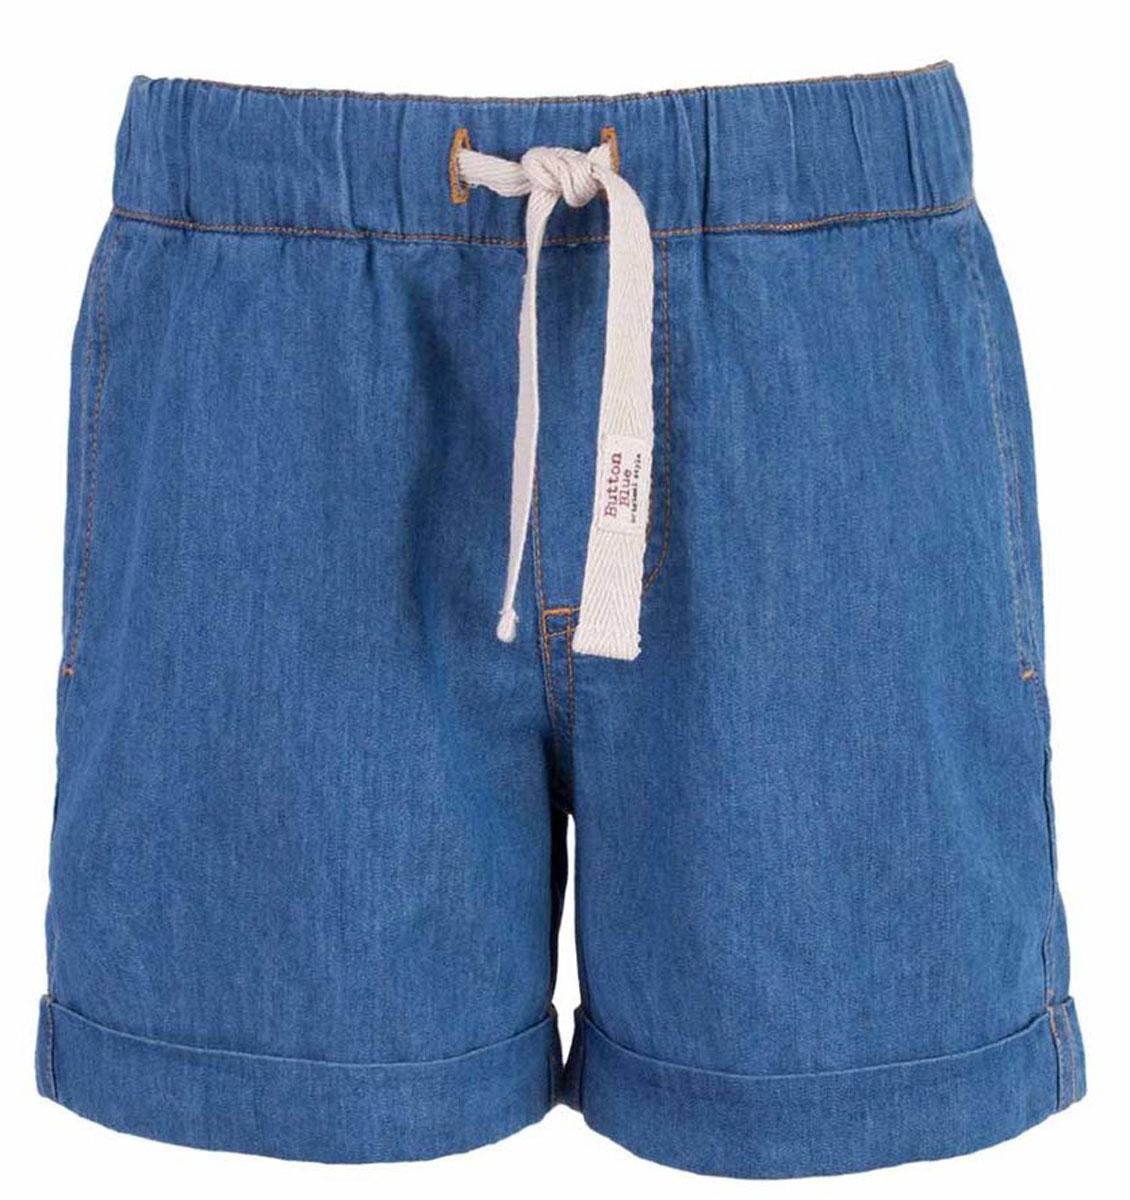 Шорты117BBBC6004D100Классные шорты из тонкой джинсы с поясом на резинке - прекрасное решение на каждый день жаркого лета! И дома, и в лагере, и на спортивной площадке эти шорты для мальчика обеспечат удобство, комфорт и соответствие модным трендам. Купить недорого детские шорты от Button Blue, значит, сделать каждый летний день ребенка радостным и беззаботным!